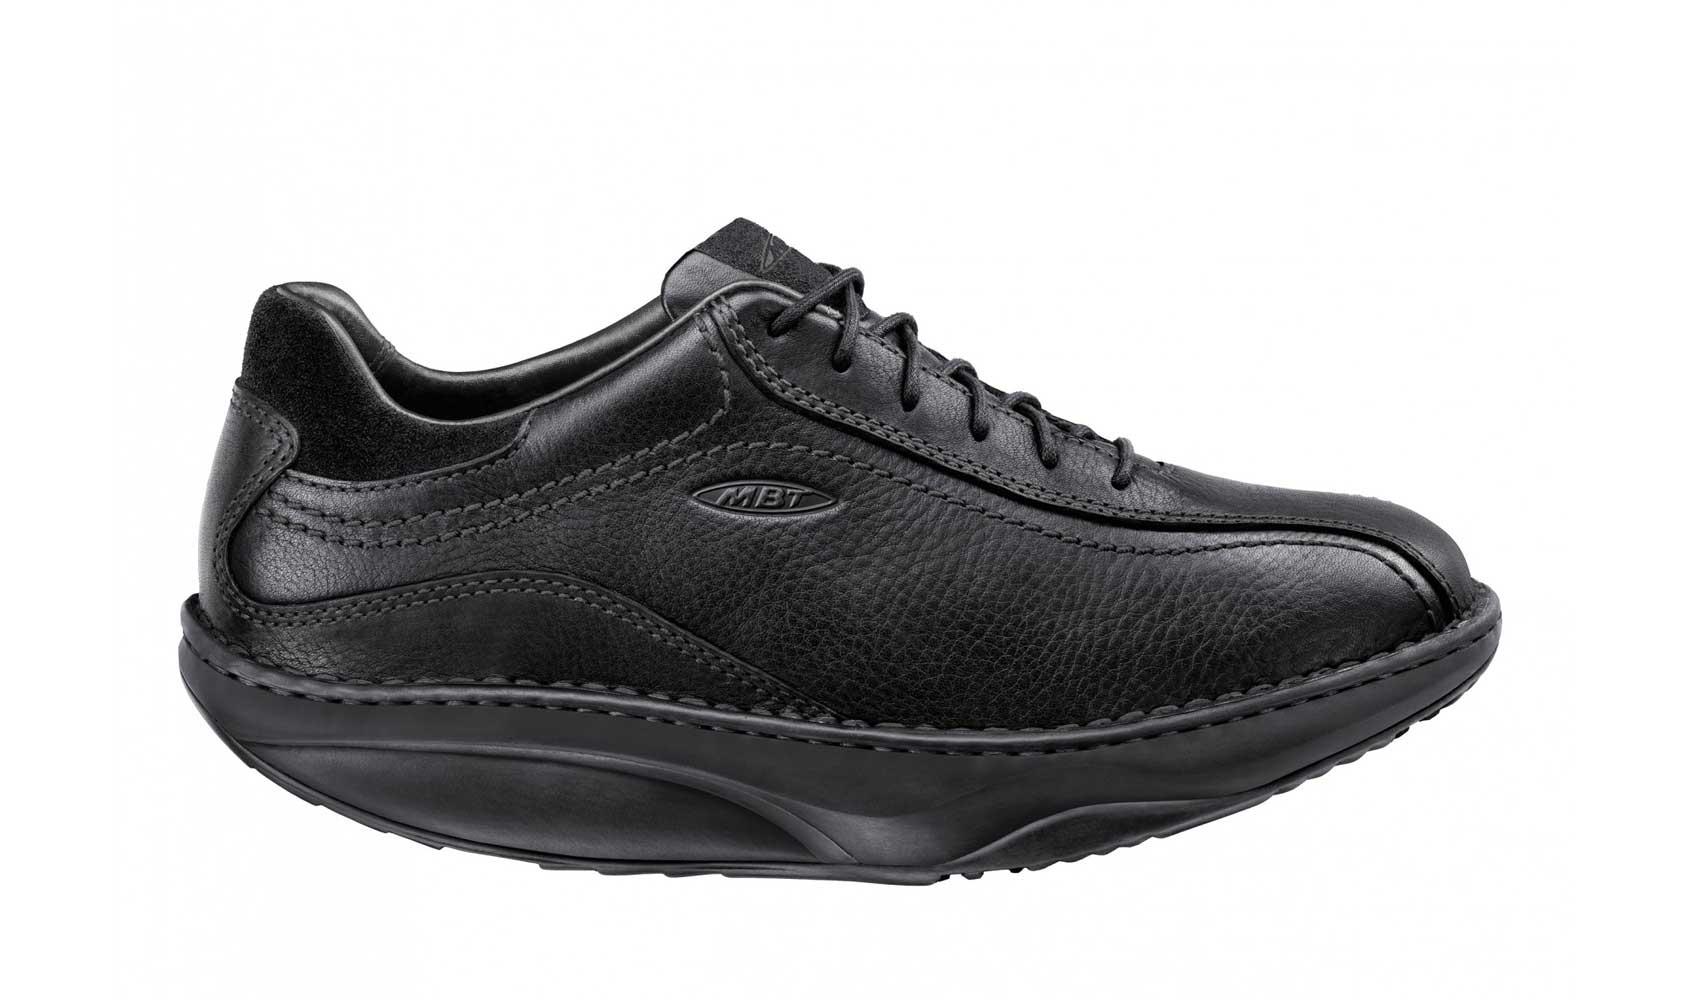 Mbt Shoes Size